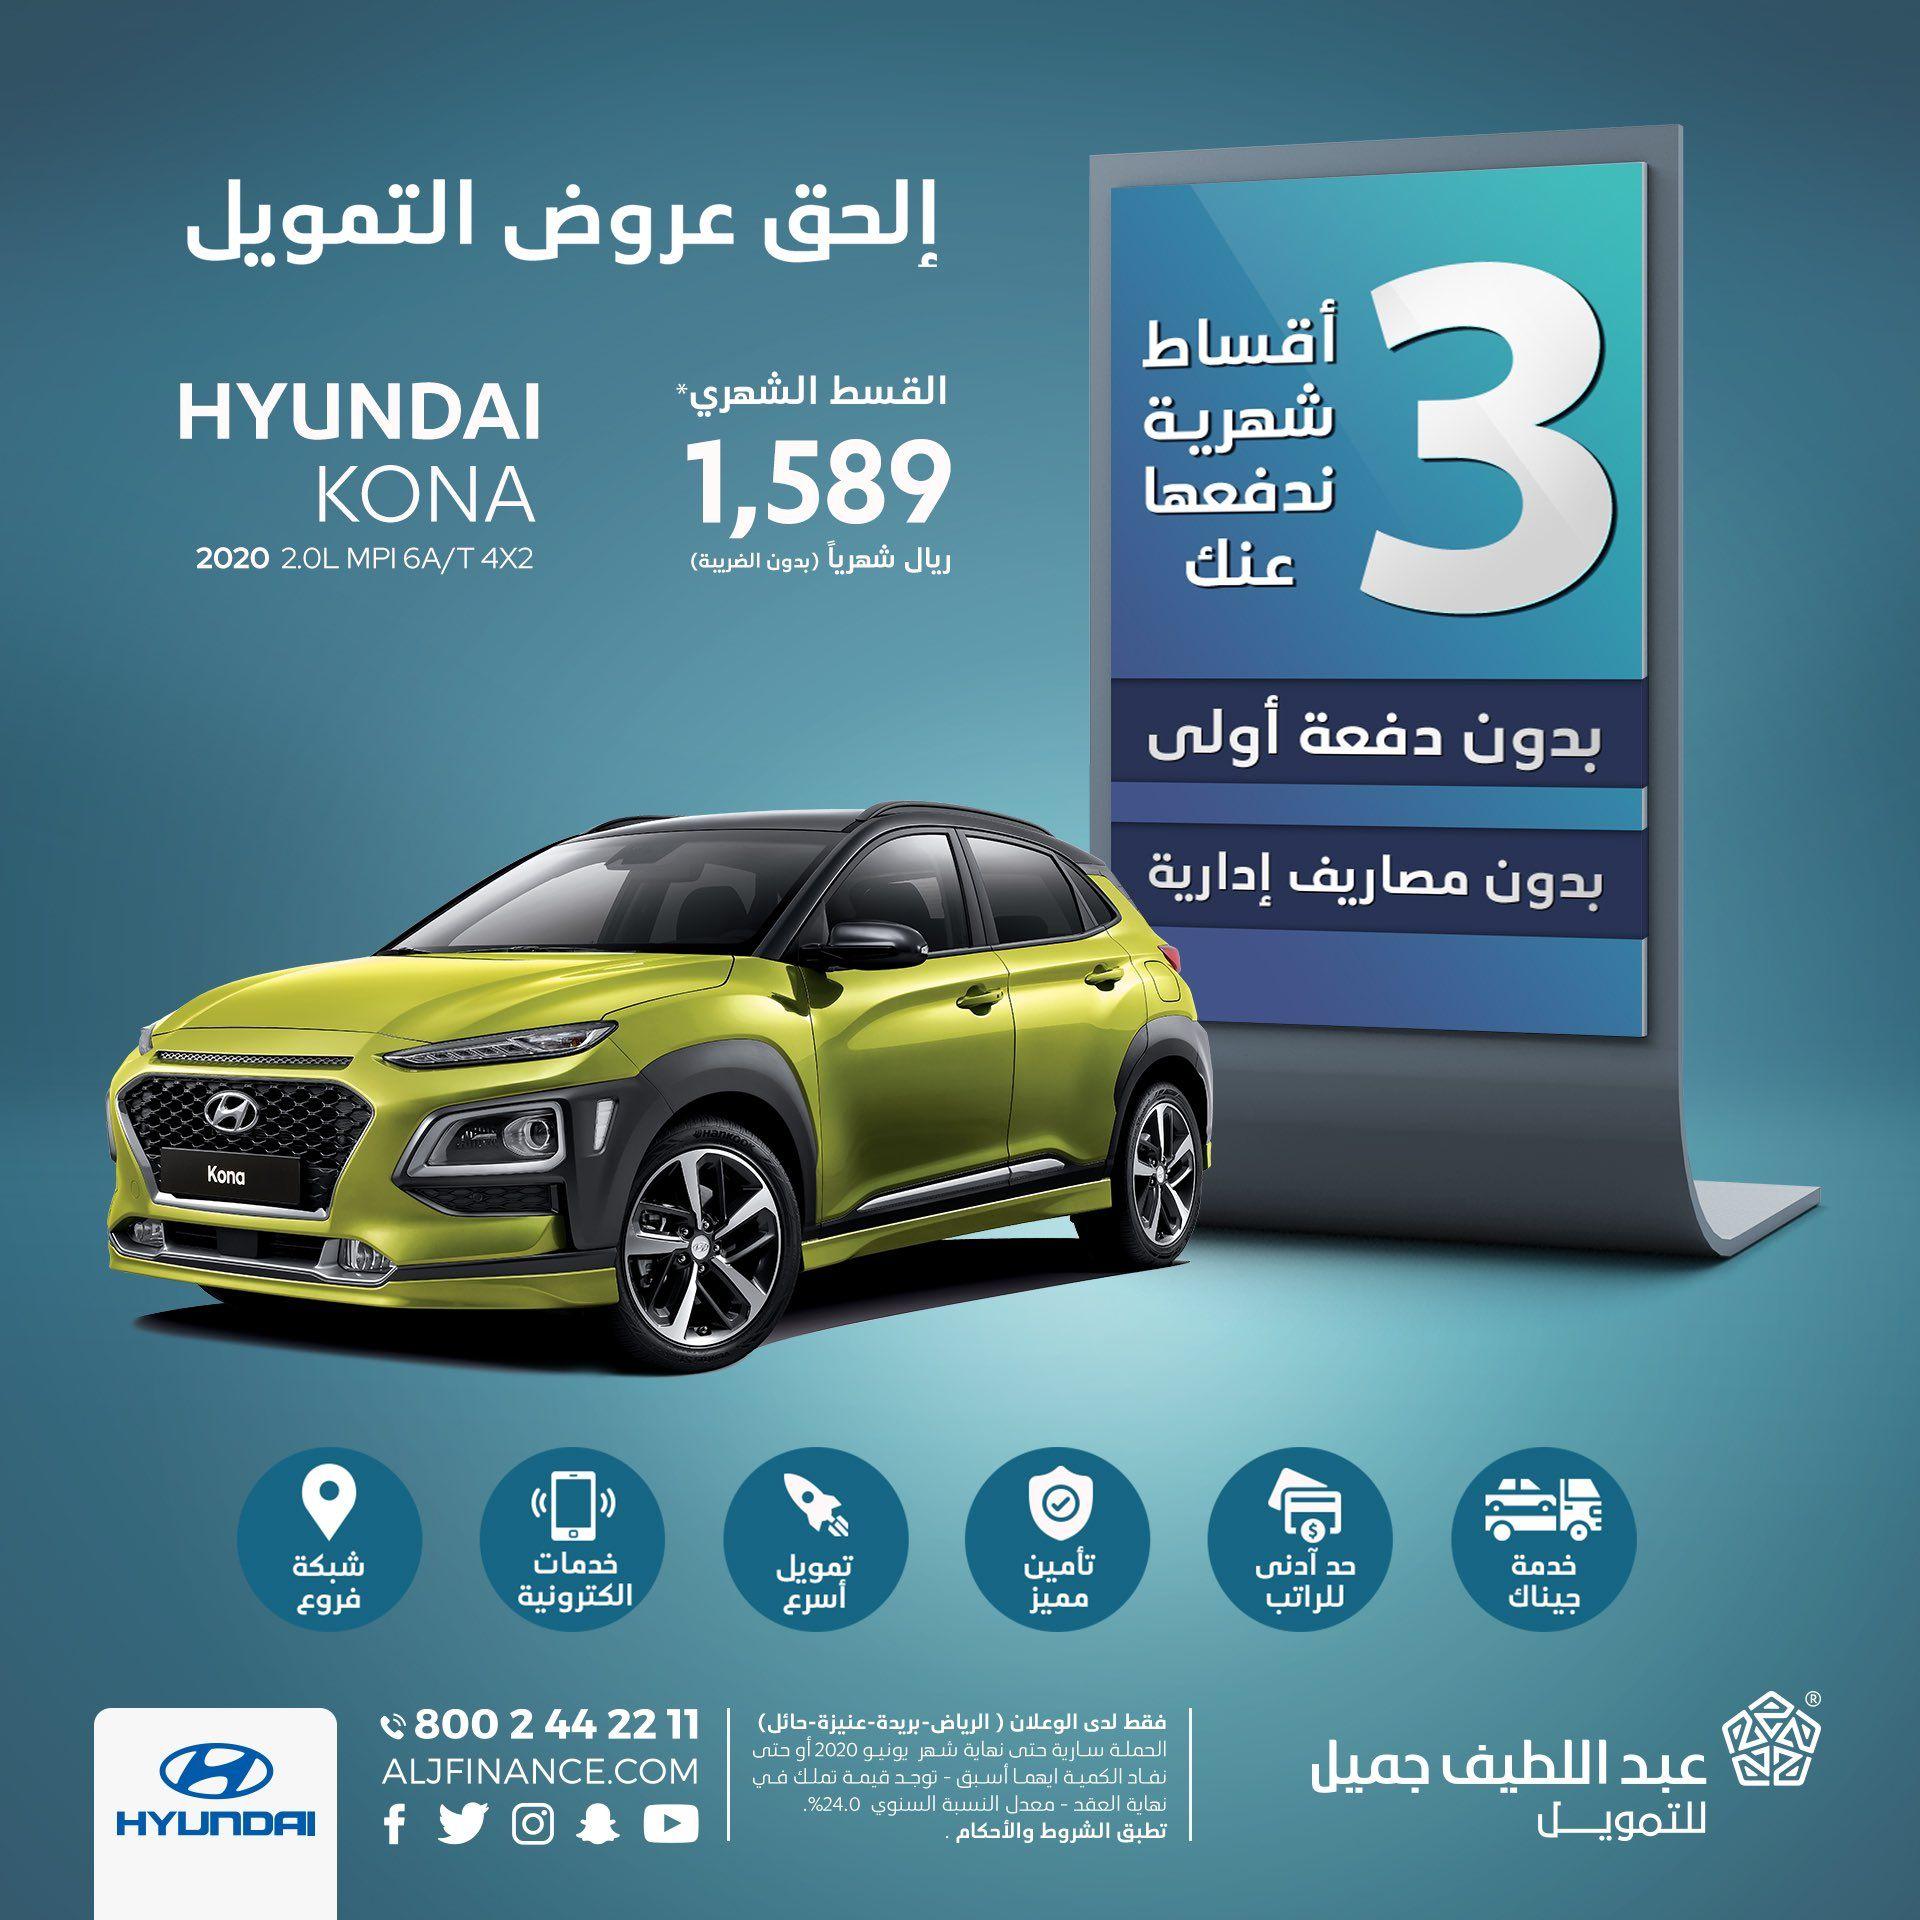 عروض السيارات عروض عبداللطيف جميل علي سيارات هيونداي 2020 عروض اليوم In 2020 Hyundai Toy Car Car